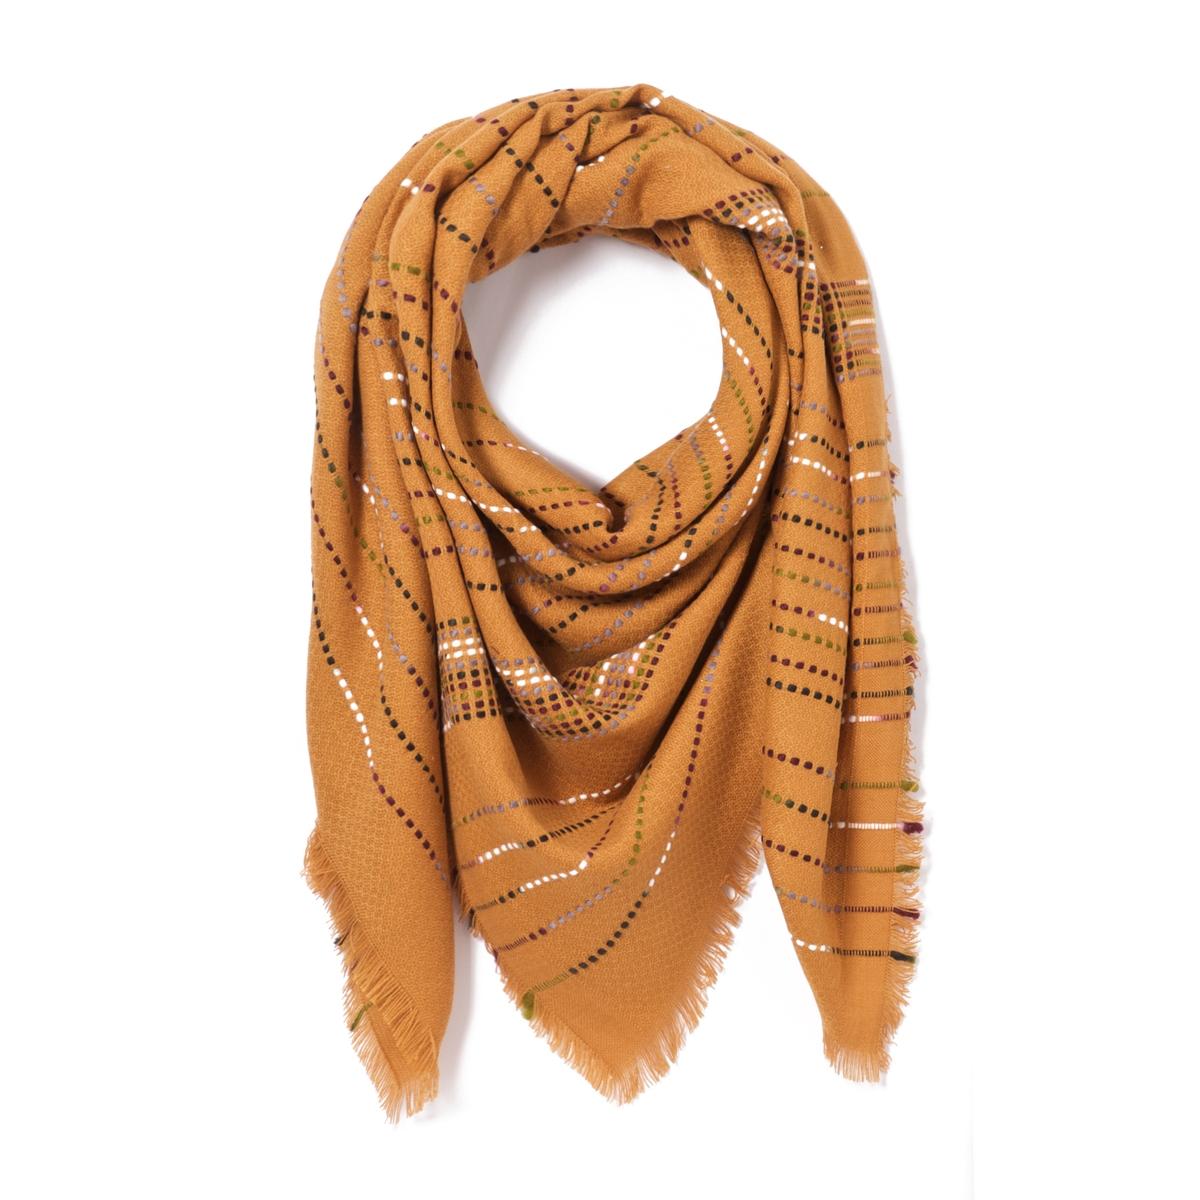 Шарф с разноцветной прострочкойОписание:Женственный шарф с блестящими деталями украсит Ваш гардероб и придаст изысканности. Состав и описание : Материал : 100% акрилРазмеры : 160 X 160 смУход: : Следуйте рекомендациям, указанным на этикетке изделия.<br><br>Цвет: бордовый,синий,черный<br>Размер: единый размер.единый размер.единый размер